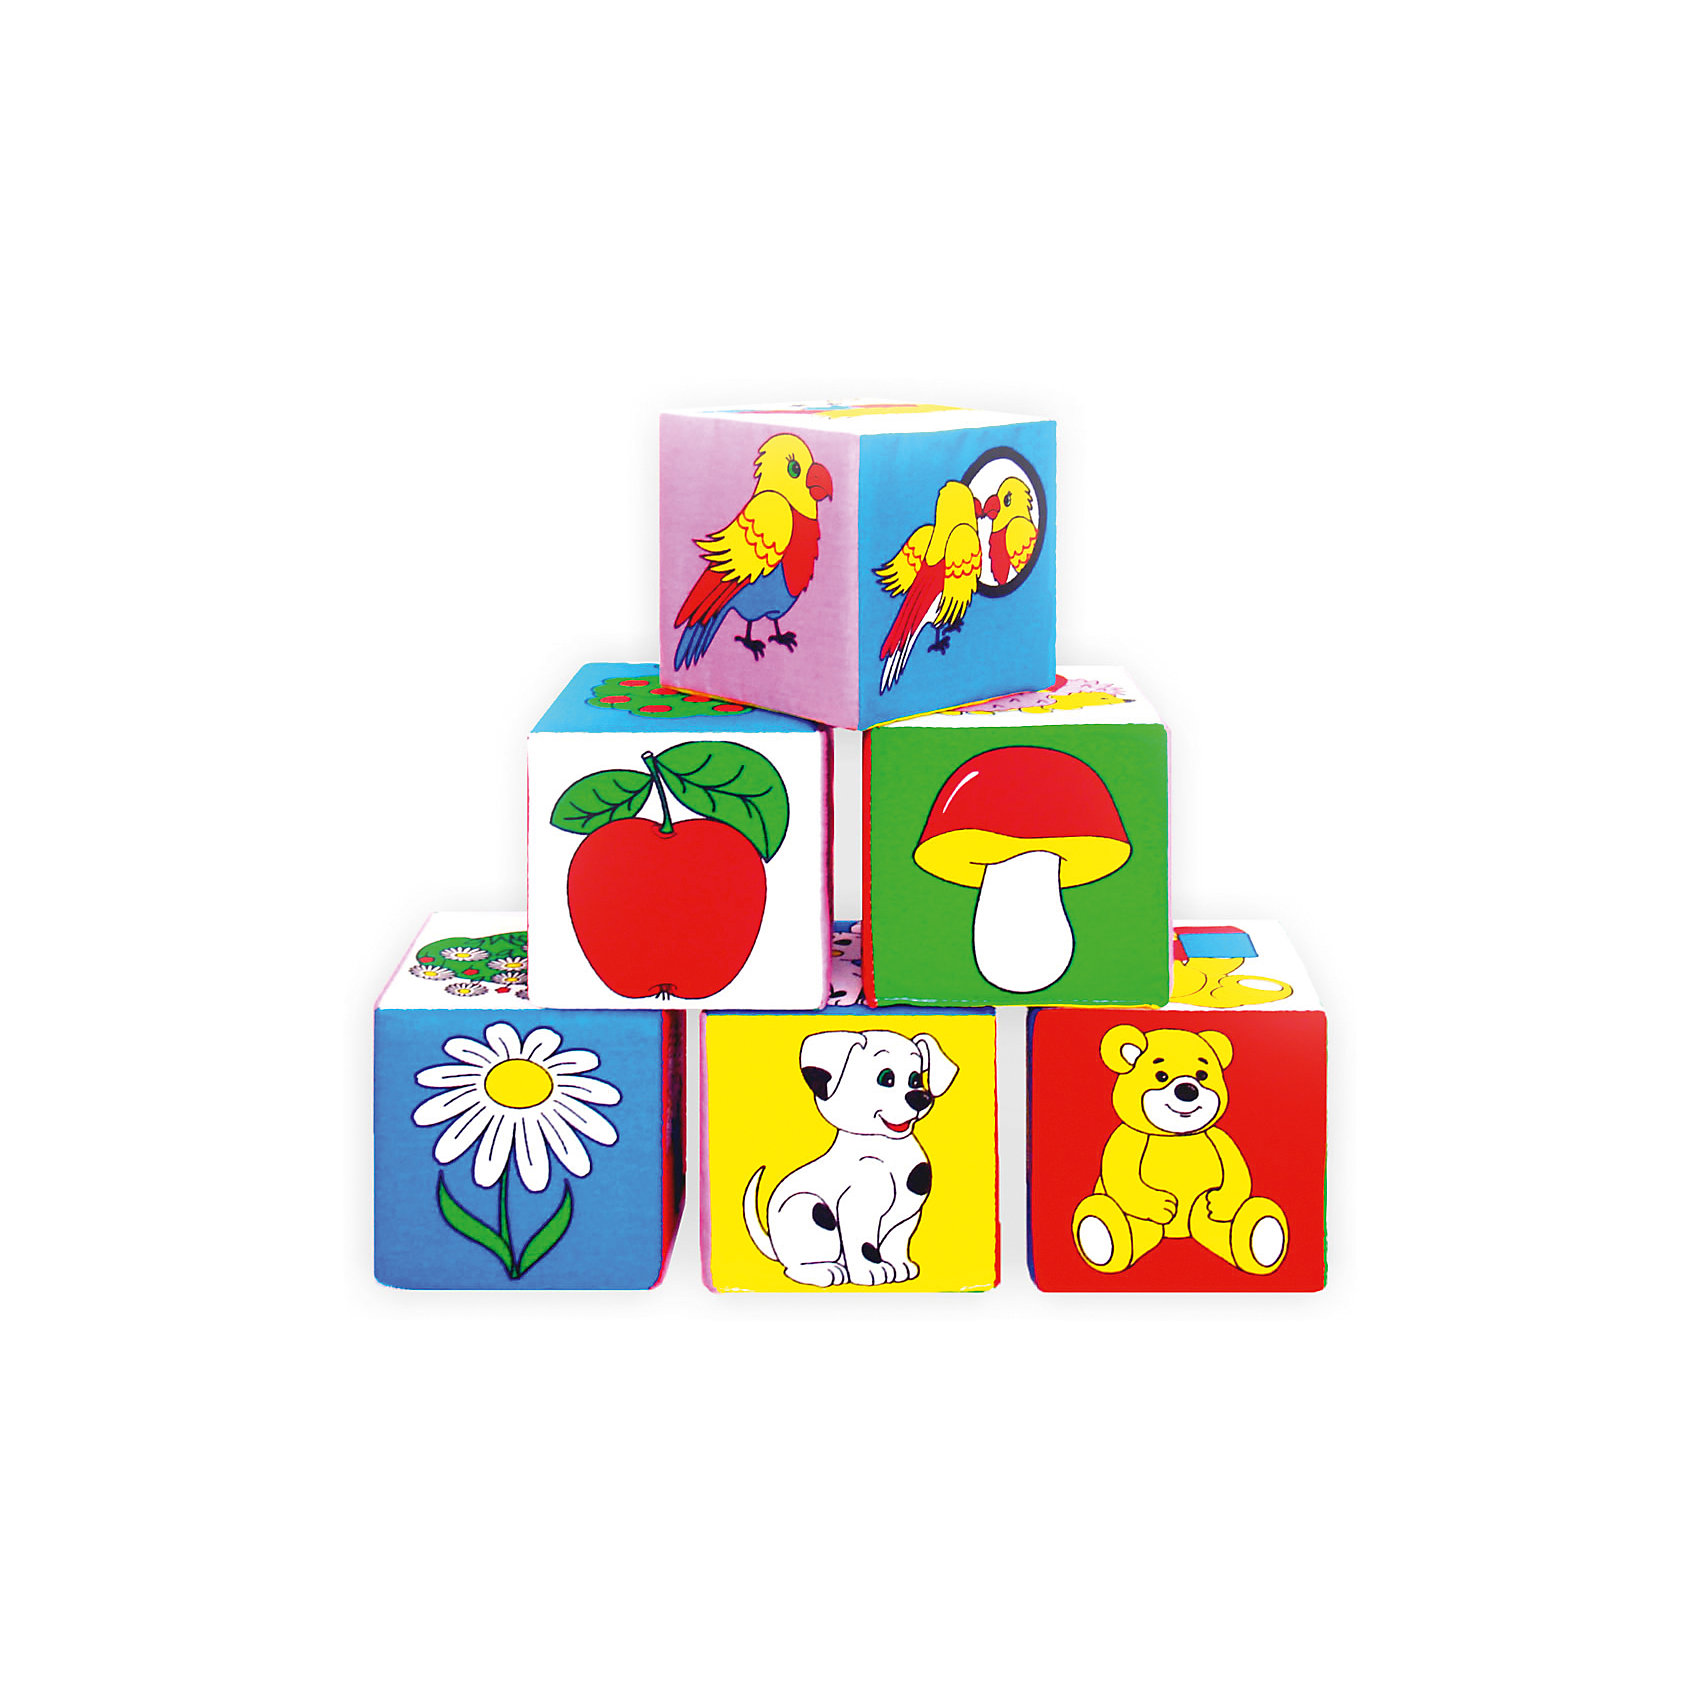 Кубики Предметы, МякишиИгрушки для малышей<br>Характеристики товара:<br><br>• материал: хлопок, поролон<br>• комплектация: 6 шт<br>• размер кубика: 10х10х10 см<br>• размер упаковки: 31x23x11 см<br>• развивающая игрушка<br>• упаковка: пакет<br>• вес: 195 г<br>• страна бренда: РФ<br>• страна изготовитель: РФ<br><br>Малыши активно познают мир и тянутся к новой информации. Чтобы сделать процесс изучения окружающего пространства интереснее, ребенку можно подарить развивающие игрушки. В процессе игры информация усваивается намного лучше!<br>Такие кубики помогут занять малыша, играть ими приятно и весело. Одновременно они позволят познакомиться со многими предметами, которые ребенку предстоит встретить. Такие игрушки развивают тактильные ощущения, моторику, цветовосприятие, логику, воображение, учат фокусировать внимание. Каждое изделие абсолютно безопасно – оно создано из качественной ткани с мягким наполнителем. Игрушки производятся из качественных и проверенных материалов, которые безопасны для детей.<br><br>Кубики Предметы от бренда Мякиши можно купить в нашем интернет-магазине.<br><br>Ширина мм: 200<br>Глубина мм: 100<br>Высота мм: 300<br>Вес г: 80<br>Возраст от месяцев: 12<br>Возраст до месяцев: 36<br>Пол: Унисекс<br>Возраст: Детский<br>SKU: 5183157